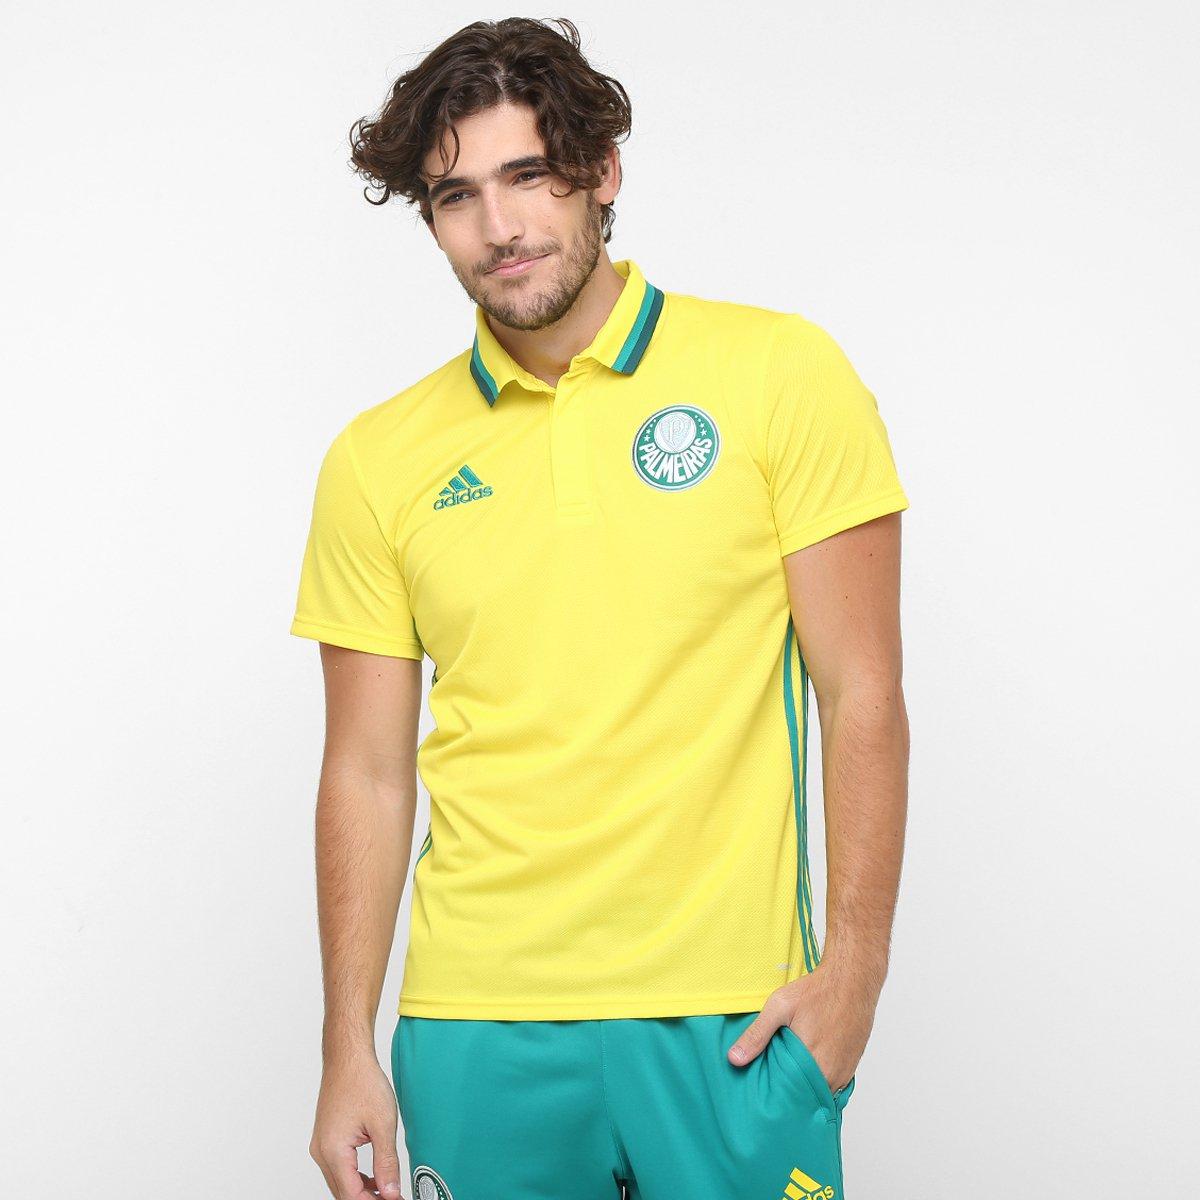 a279b4449b965 Camisa Polo Adidas Palmeiras Viagem - Compre Agora